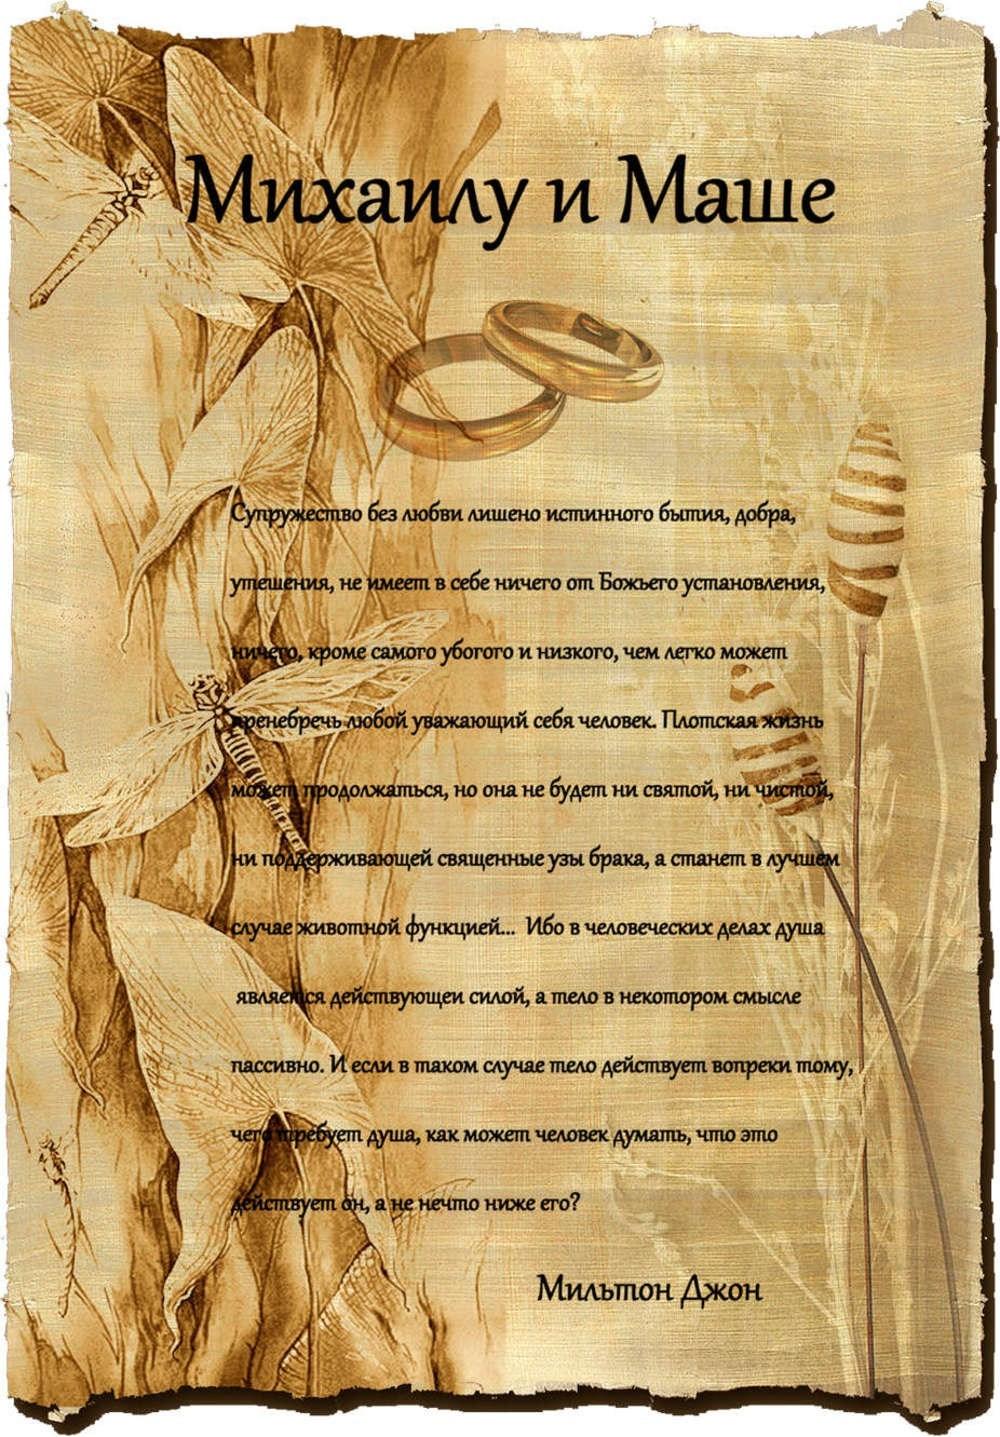 Поздравление на папирусе своими руками